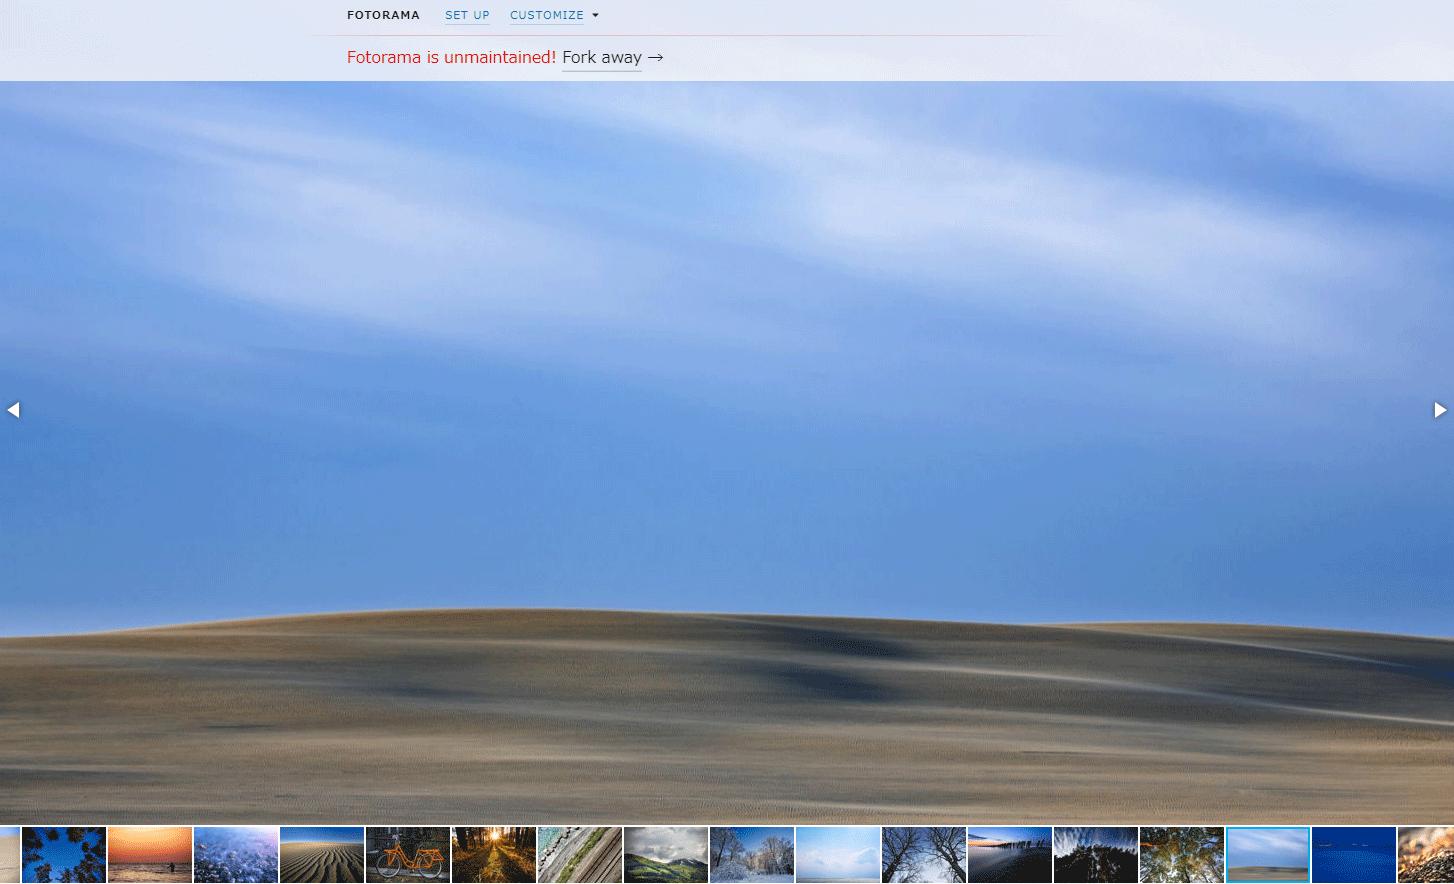 簡単にサムネイル付きのスライダーを設置できるjQueryプラグイン「Fotorama」